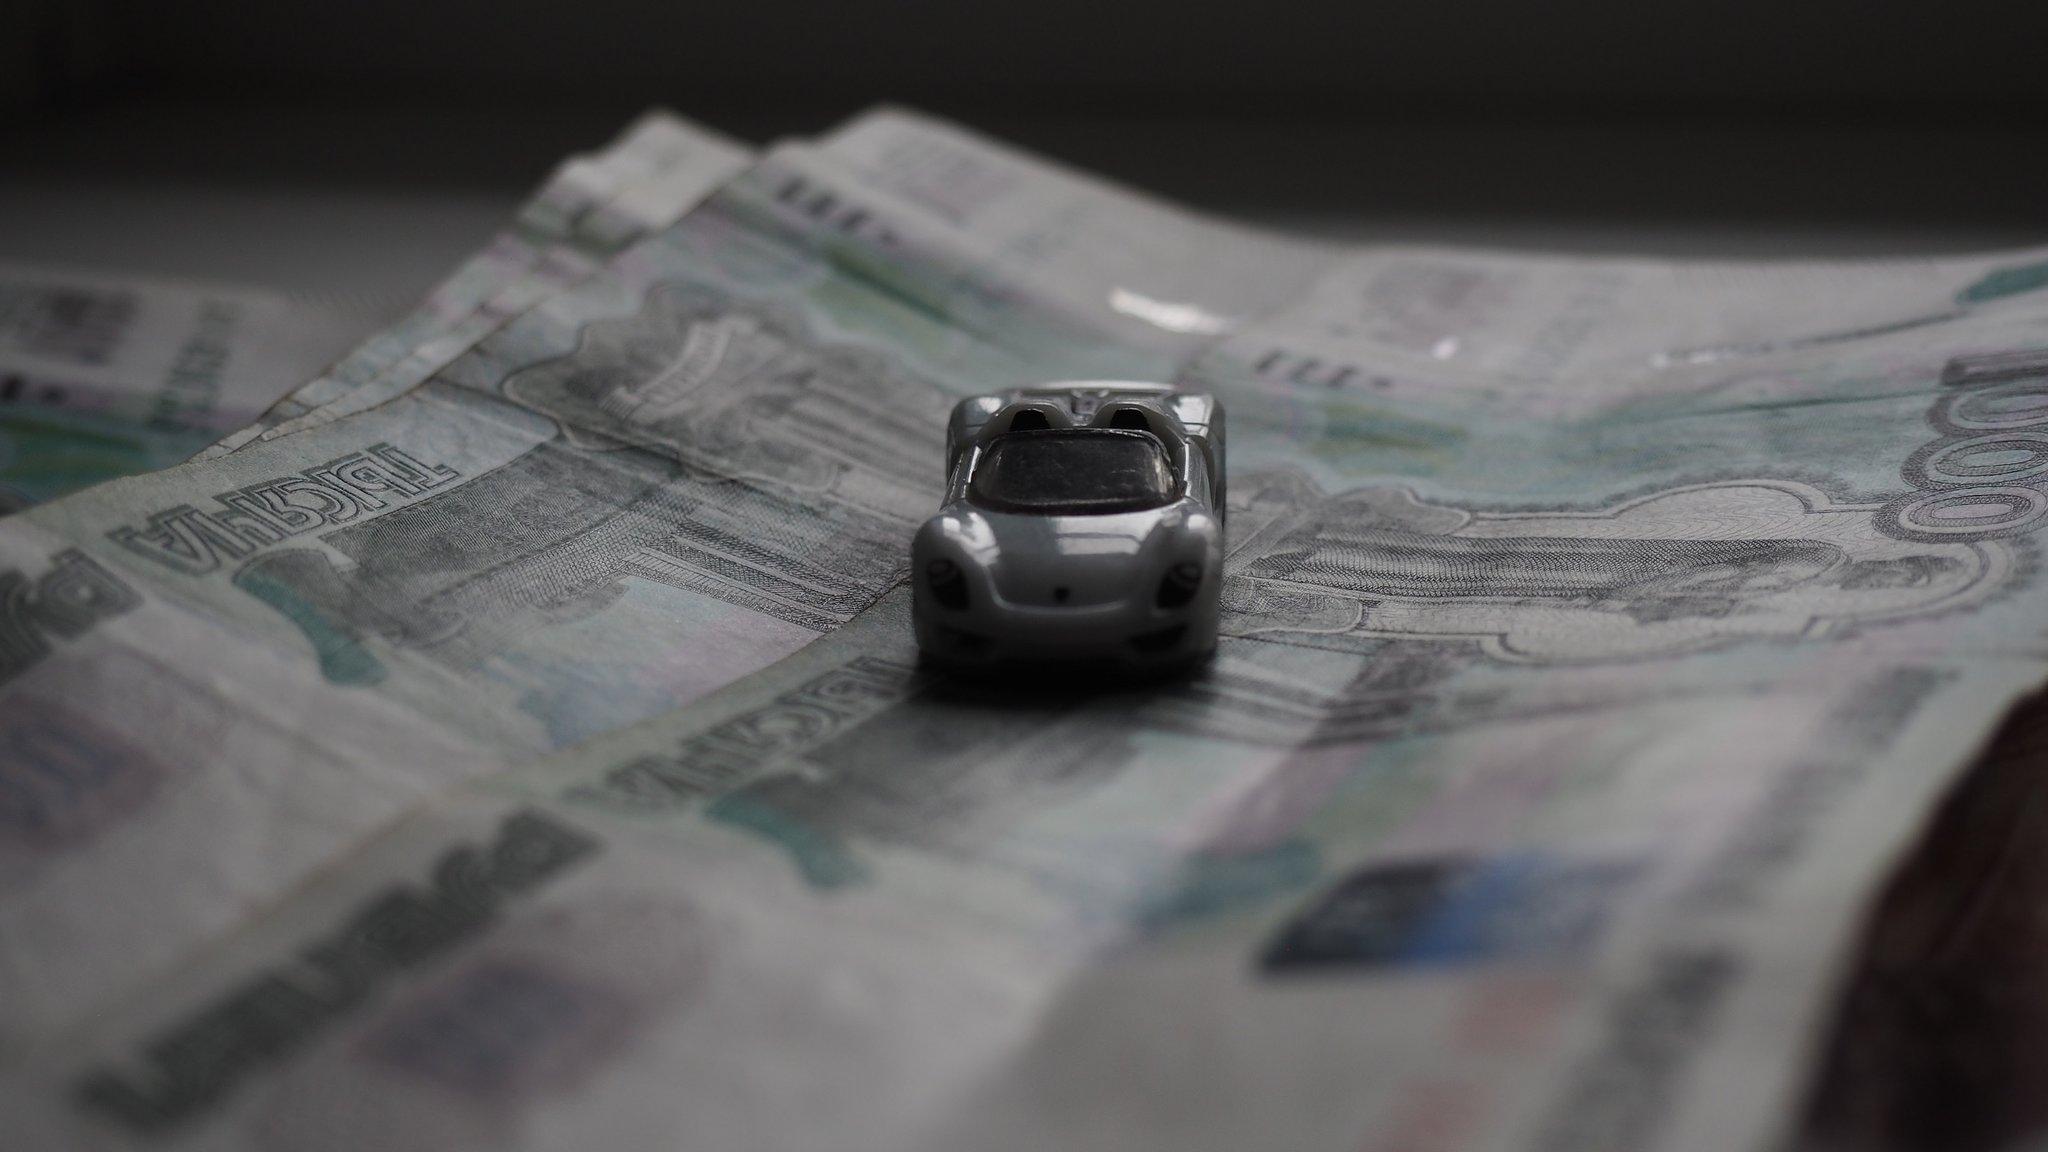 Оформление автомобиля по наследству: как переоформить в гибдд, как продать, налог